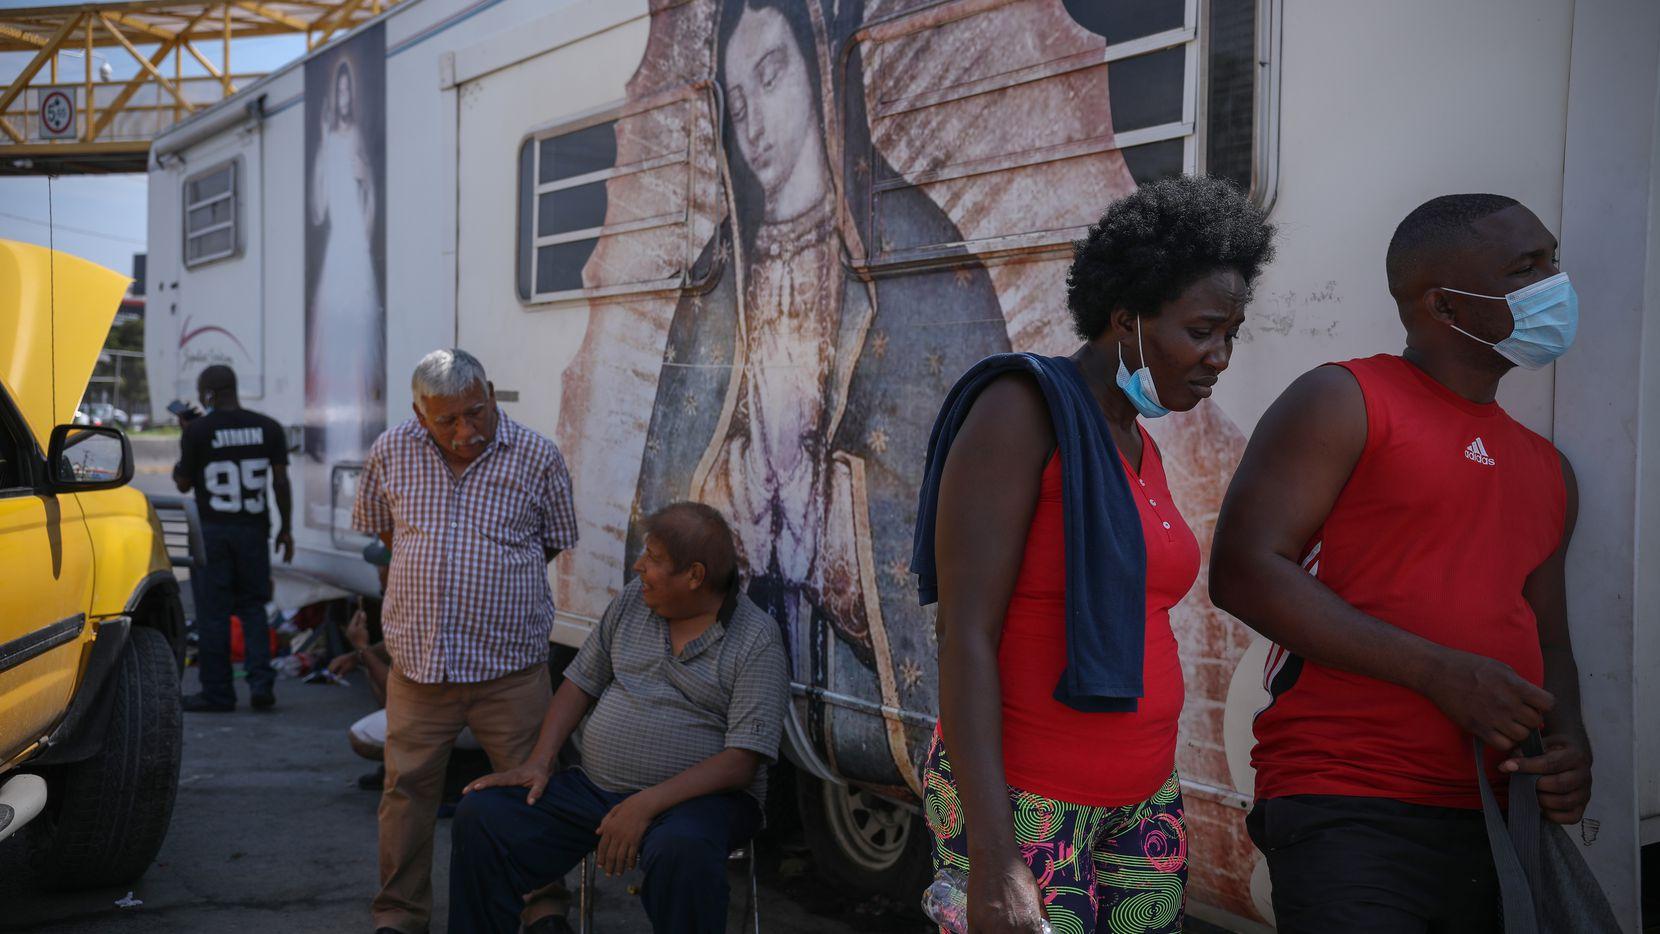 Esther Pierre Louie y su amigo John esperan frente a un mural de la Virgen de Guadalupe el martes 28 de septiembre en Monterrey, México.